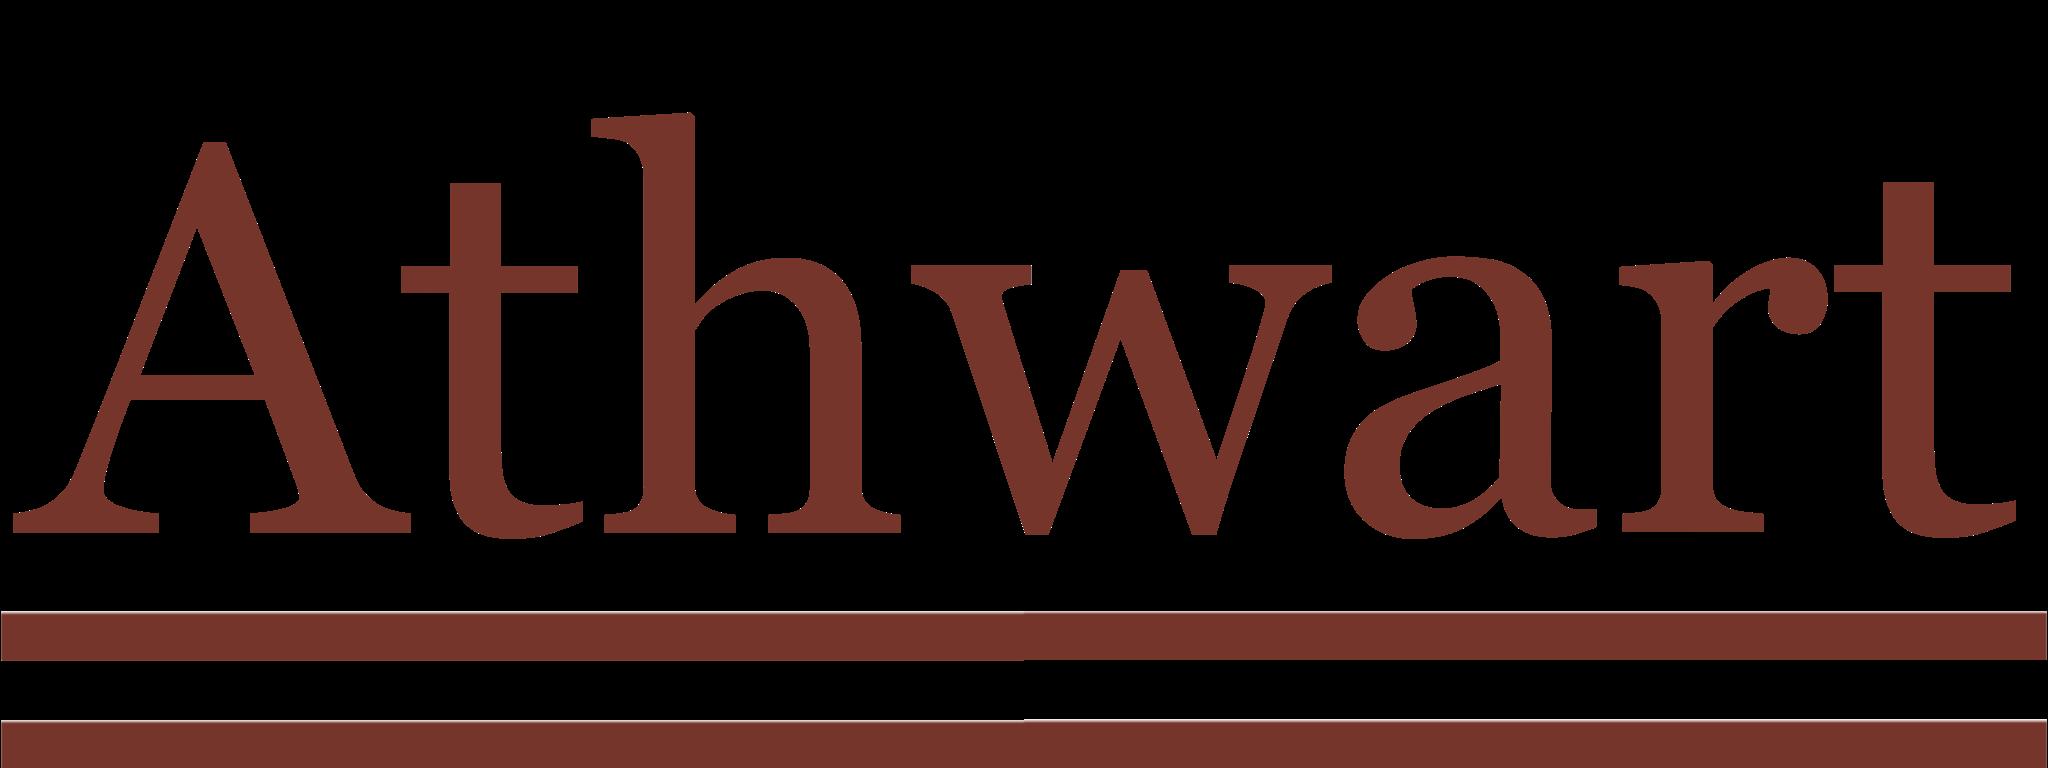 Athwart